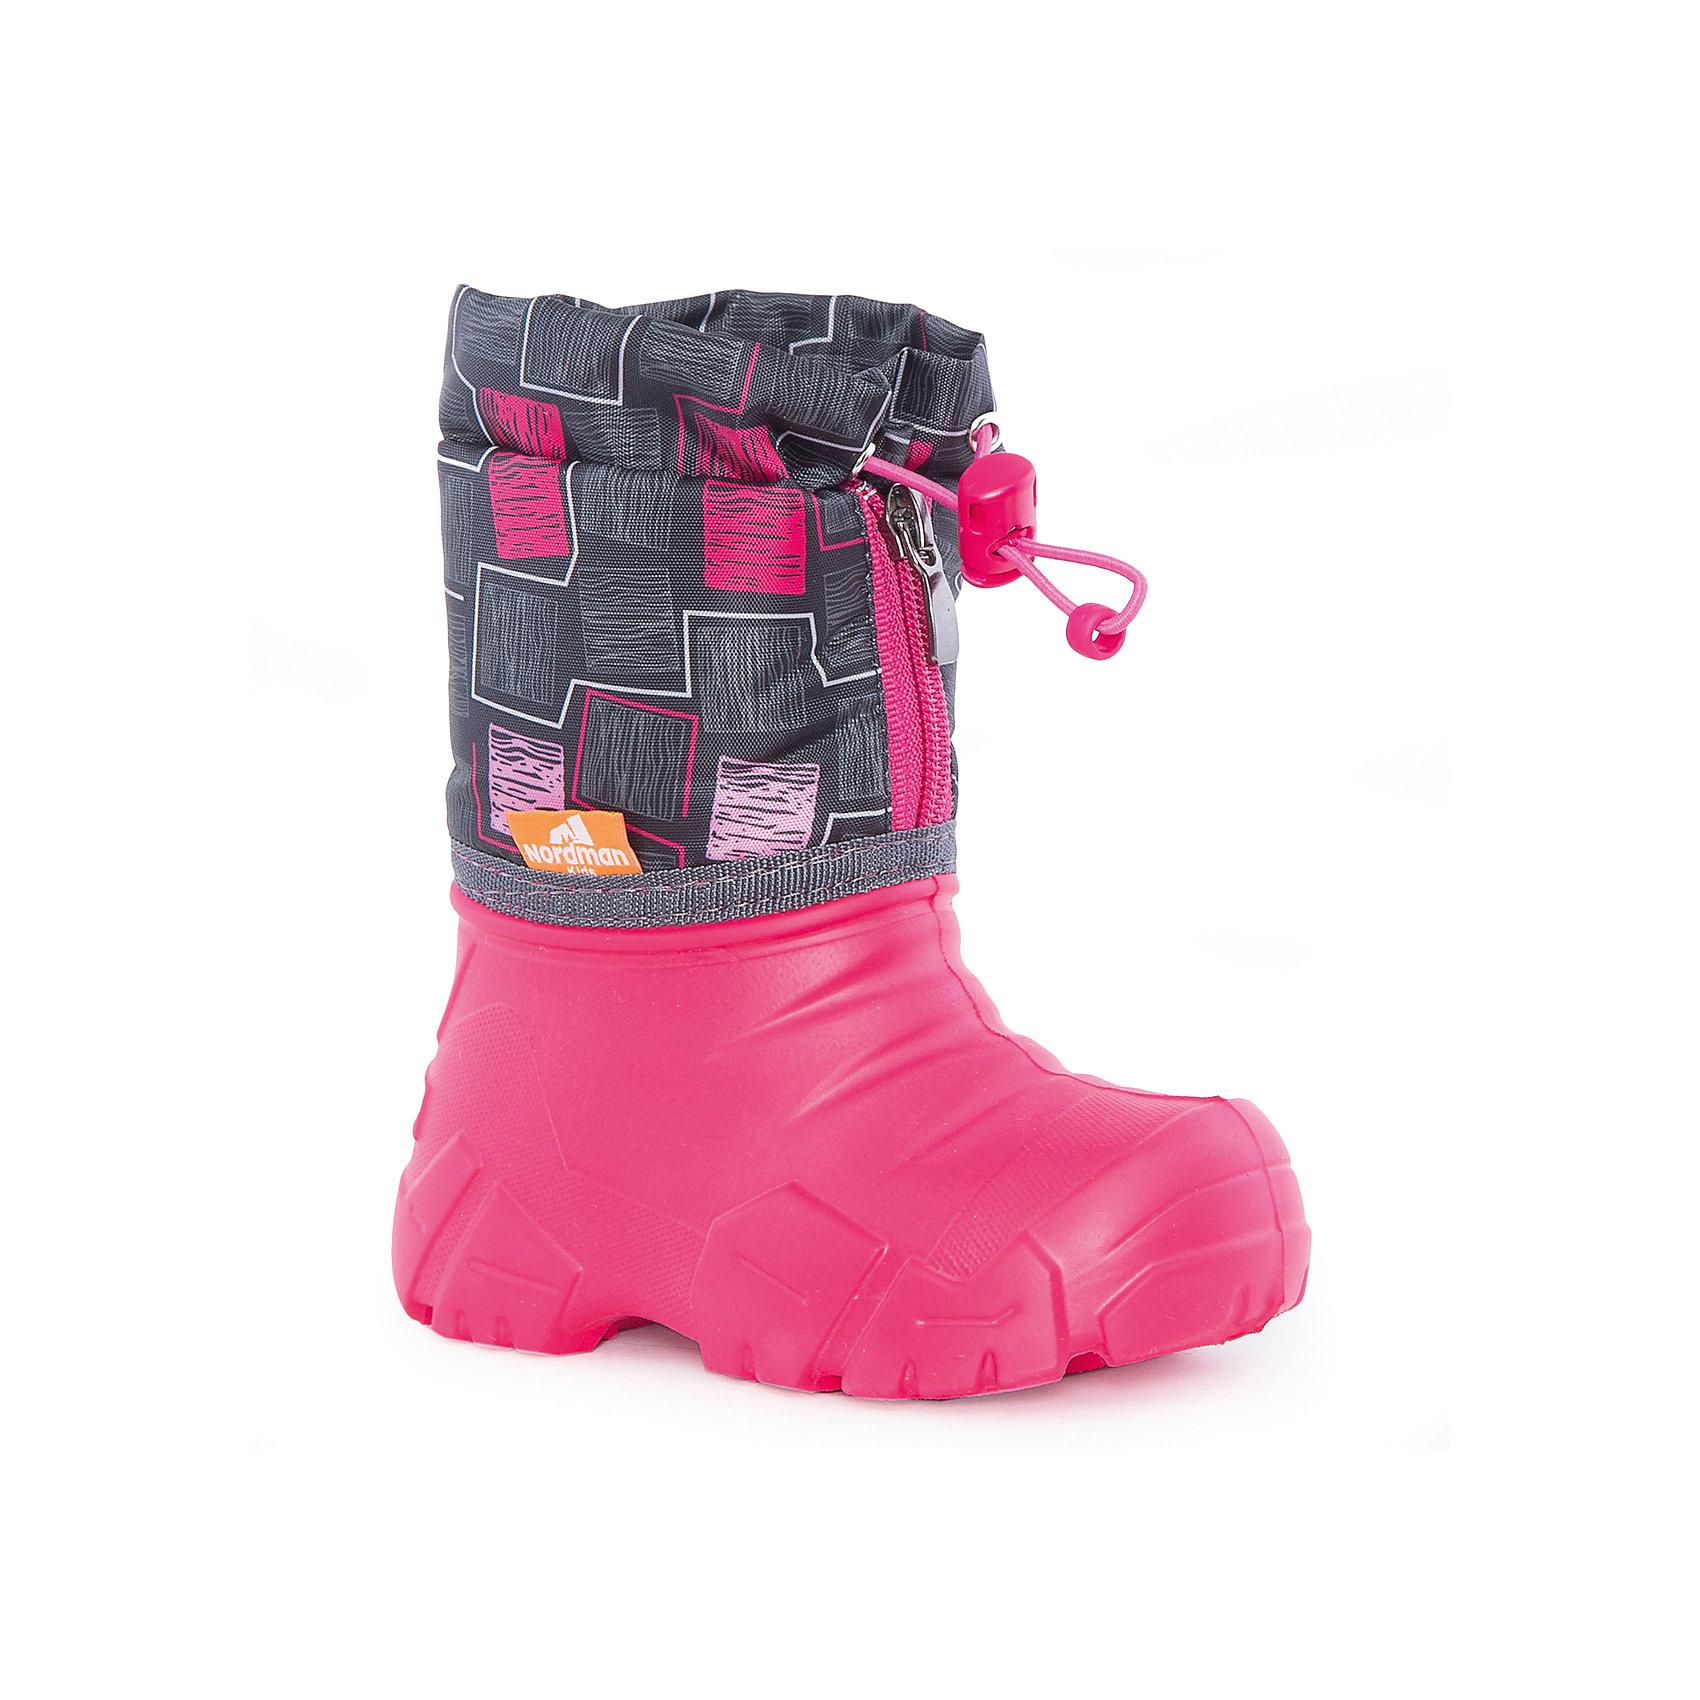 Сноубутсы для девочки NordmanСноубутсы<br>Характеристики товара:<br><br>• цвет: розовый<br>• материал верха: текстиль<br>• материал подкладки: шерстяной мех<br>• материал подошвы: ЭВА<br>• подошва не скользит<br>• застежка: молния<br>• температурный режим: от -10° до +10° С<br>• верх с водоотталкивающей пропиткой<br>• толстая устойчивая подошва<br>• низ не промокает<br>• страна бренда: Российская Федерация<br>• страна изготовитель: Российская Федерация<br><br>При выборе демисезонной и зимней обуви для ребенка необходимо убедиться, что она удобная и теплая. Такие сапожки обеспечат детям комфорт даже в мороз, а непромокающая нижняя часть  оставит ножки в сухости. Сапожки легко снимаются и надеваются, хорошо сидят на ноге. Внутри - специальная теплая подкладка, с которой холода не страшны!<br>Обувь от бренда Nordman - это качественные российские товары, произведенные с применением как натуральных, так и высокотехнологичных материалов. Обувь выделяется стильным дизайном и проработанными деталями. Полностью адаптирована под российскую погоду! Изделие производится из качественных и проверенных материалов, которые безопасны для детей.<br><br>Сапоги для девочки от бренда Nordman можно купить в нашем интернет-магазине.<br><br>Ширина мм: 257<br>Глубина мм: 180<br>Высота мм: 130<br>Вес г: 420<br>Цвет: розовый<br>Возраст от месяцев: 18<br>Возраст до месяцев: 21<br>Пол: Женский<br>Возраст: Детский<br>Размер: 22/23,34/35,24/25,26/27,28/29,30/31,32/33<br>SKU: 5219830